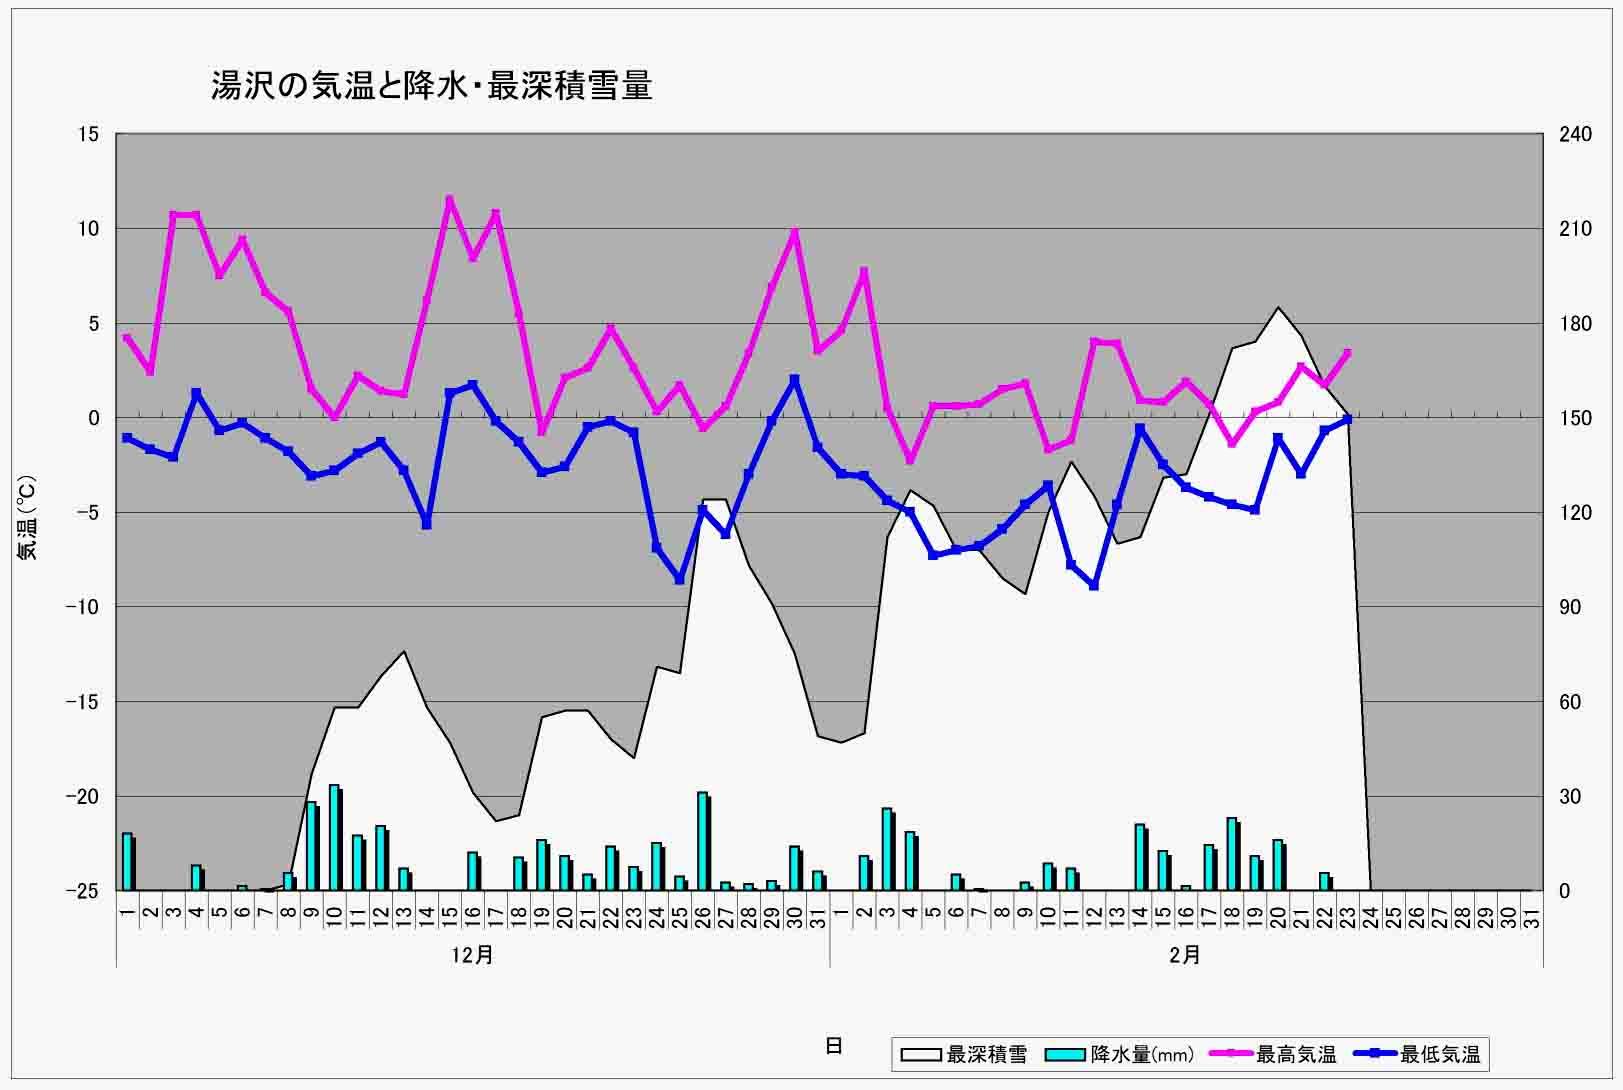 2013年1月24日現在の湯沢積雪と気温等グラフ